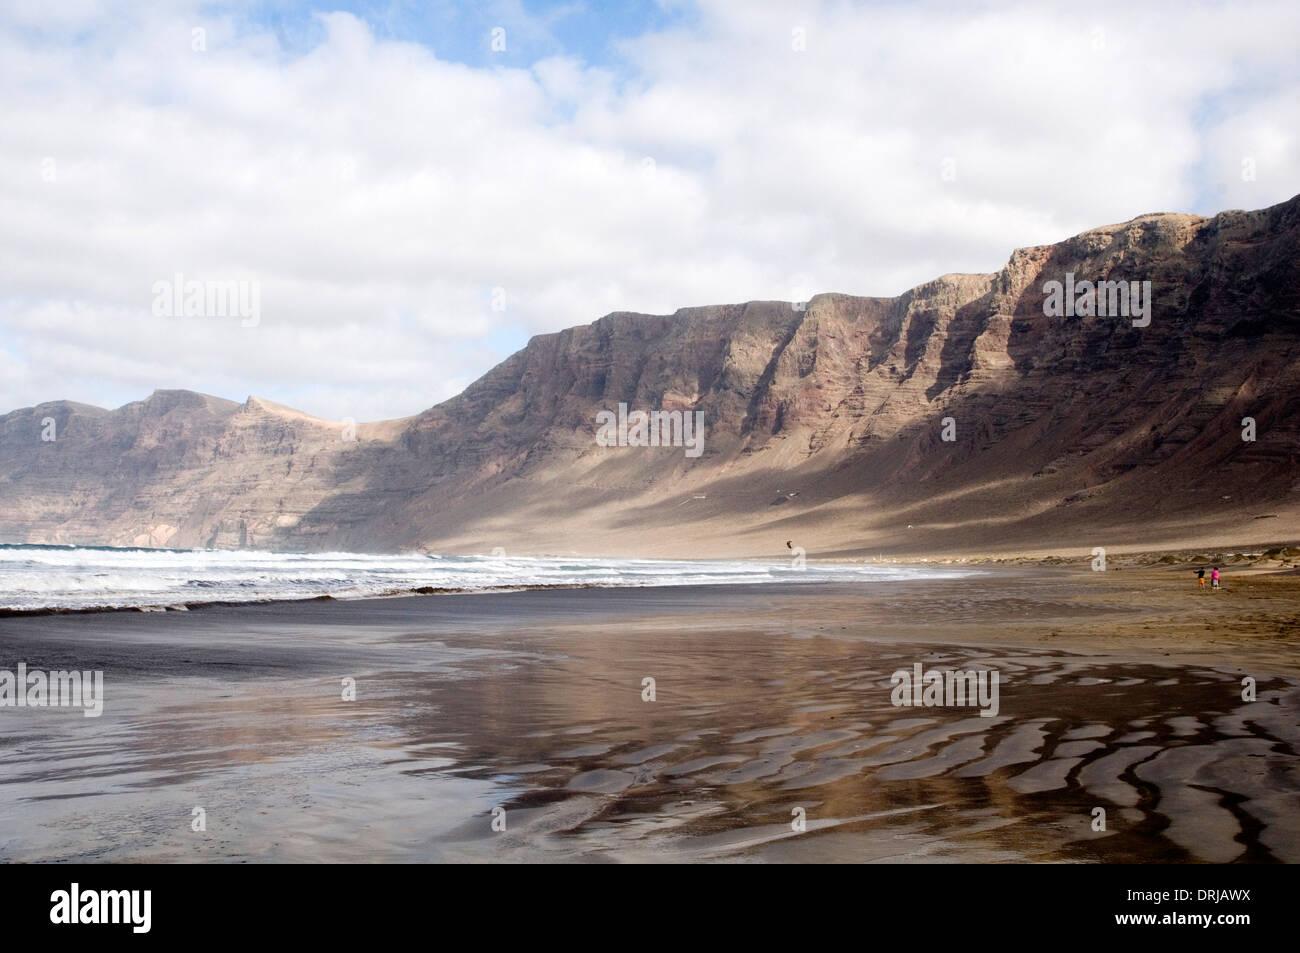 Playa Famara Lanzarote Playa playas acantilado acantilados amplio espacio abierto espacios Imagen De Stock